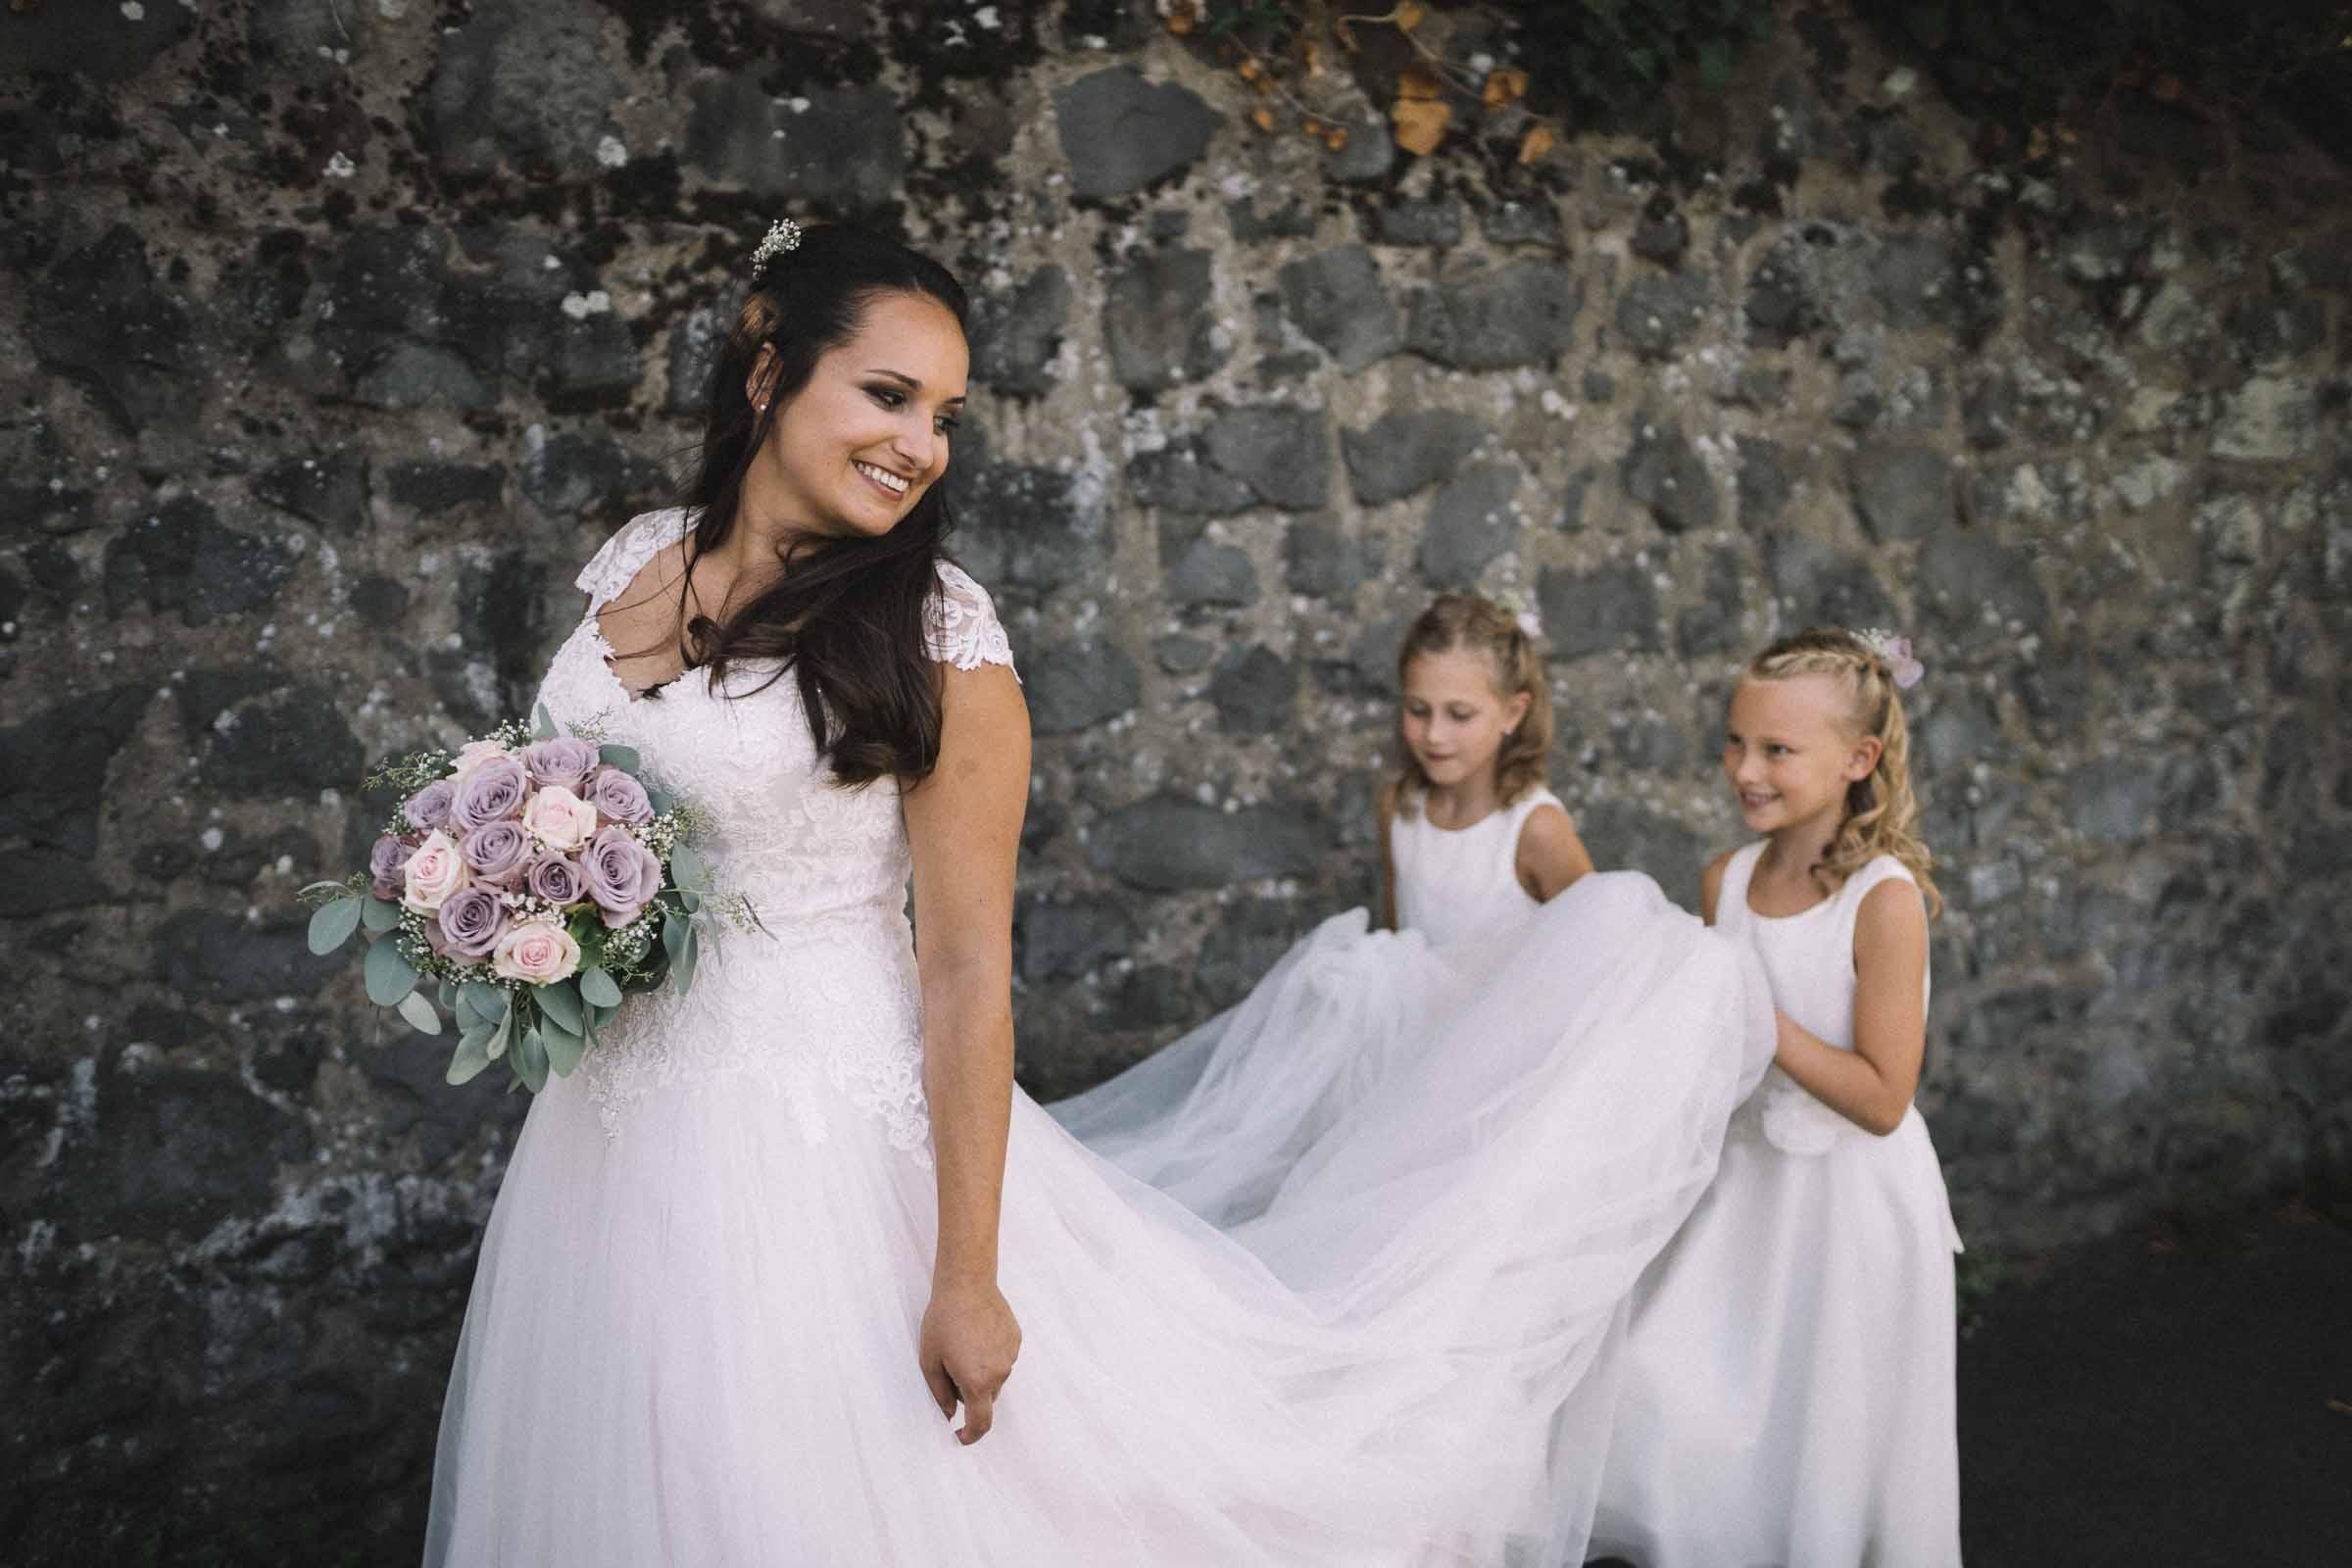 Zwei Blumenmädchen halten die Schleppe der Braut.